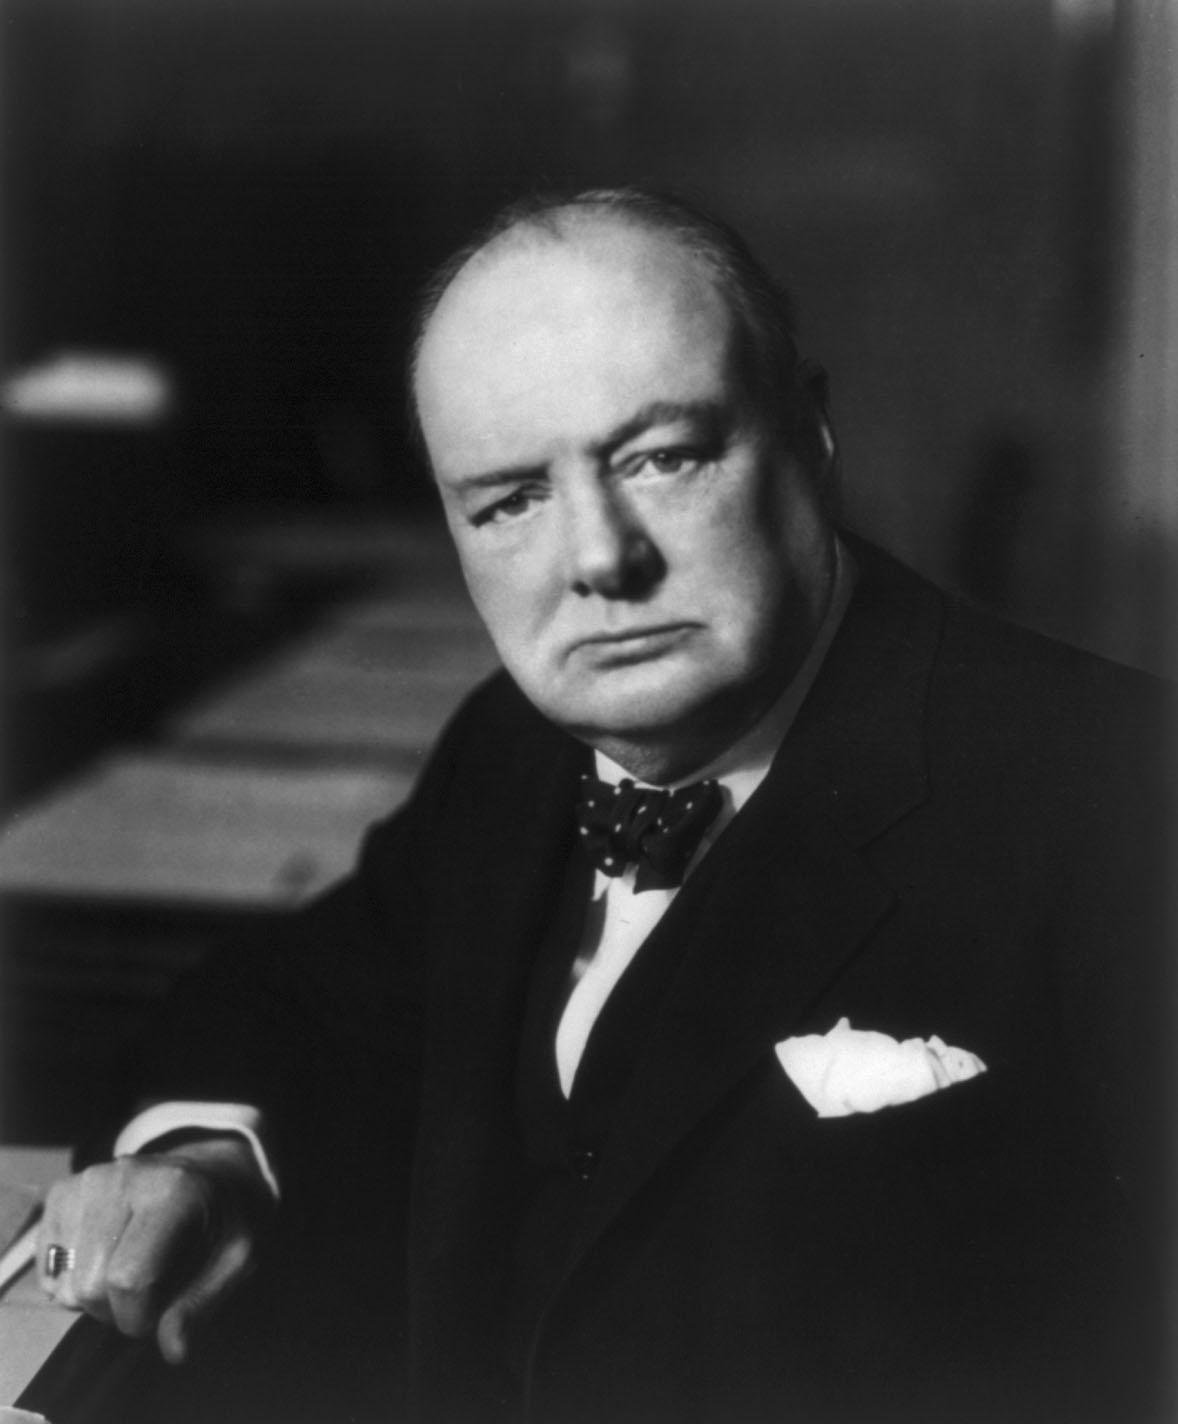 วินสตัน  เชอร์ชิลด์ นายกรัฐมนตรีของอังกฤษสมัยสงครามโลกครั้งที่ 2